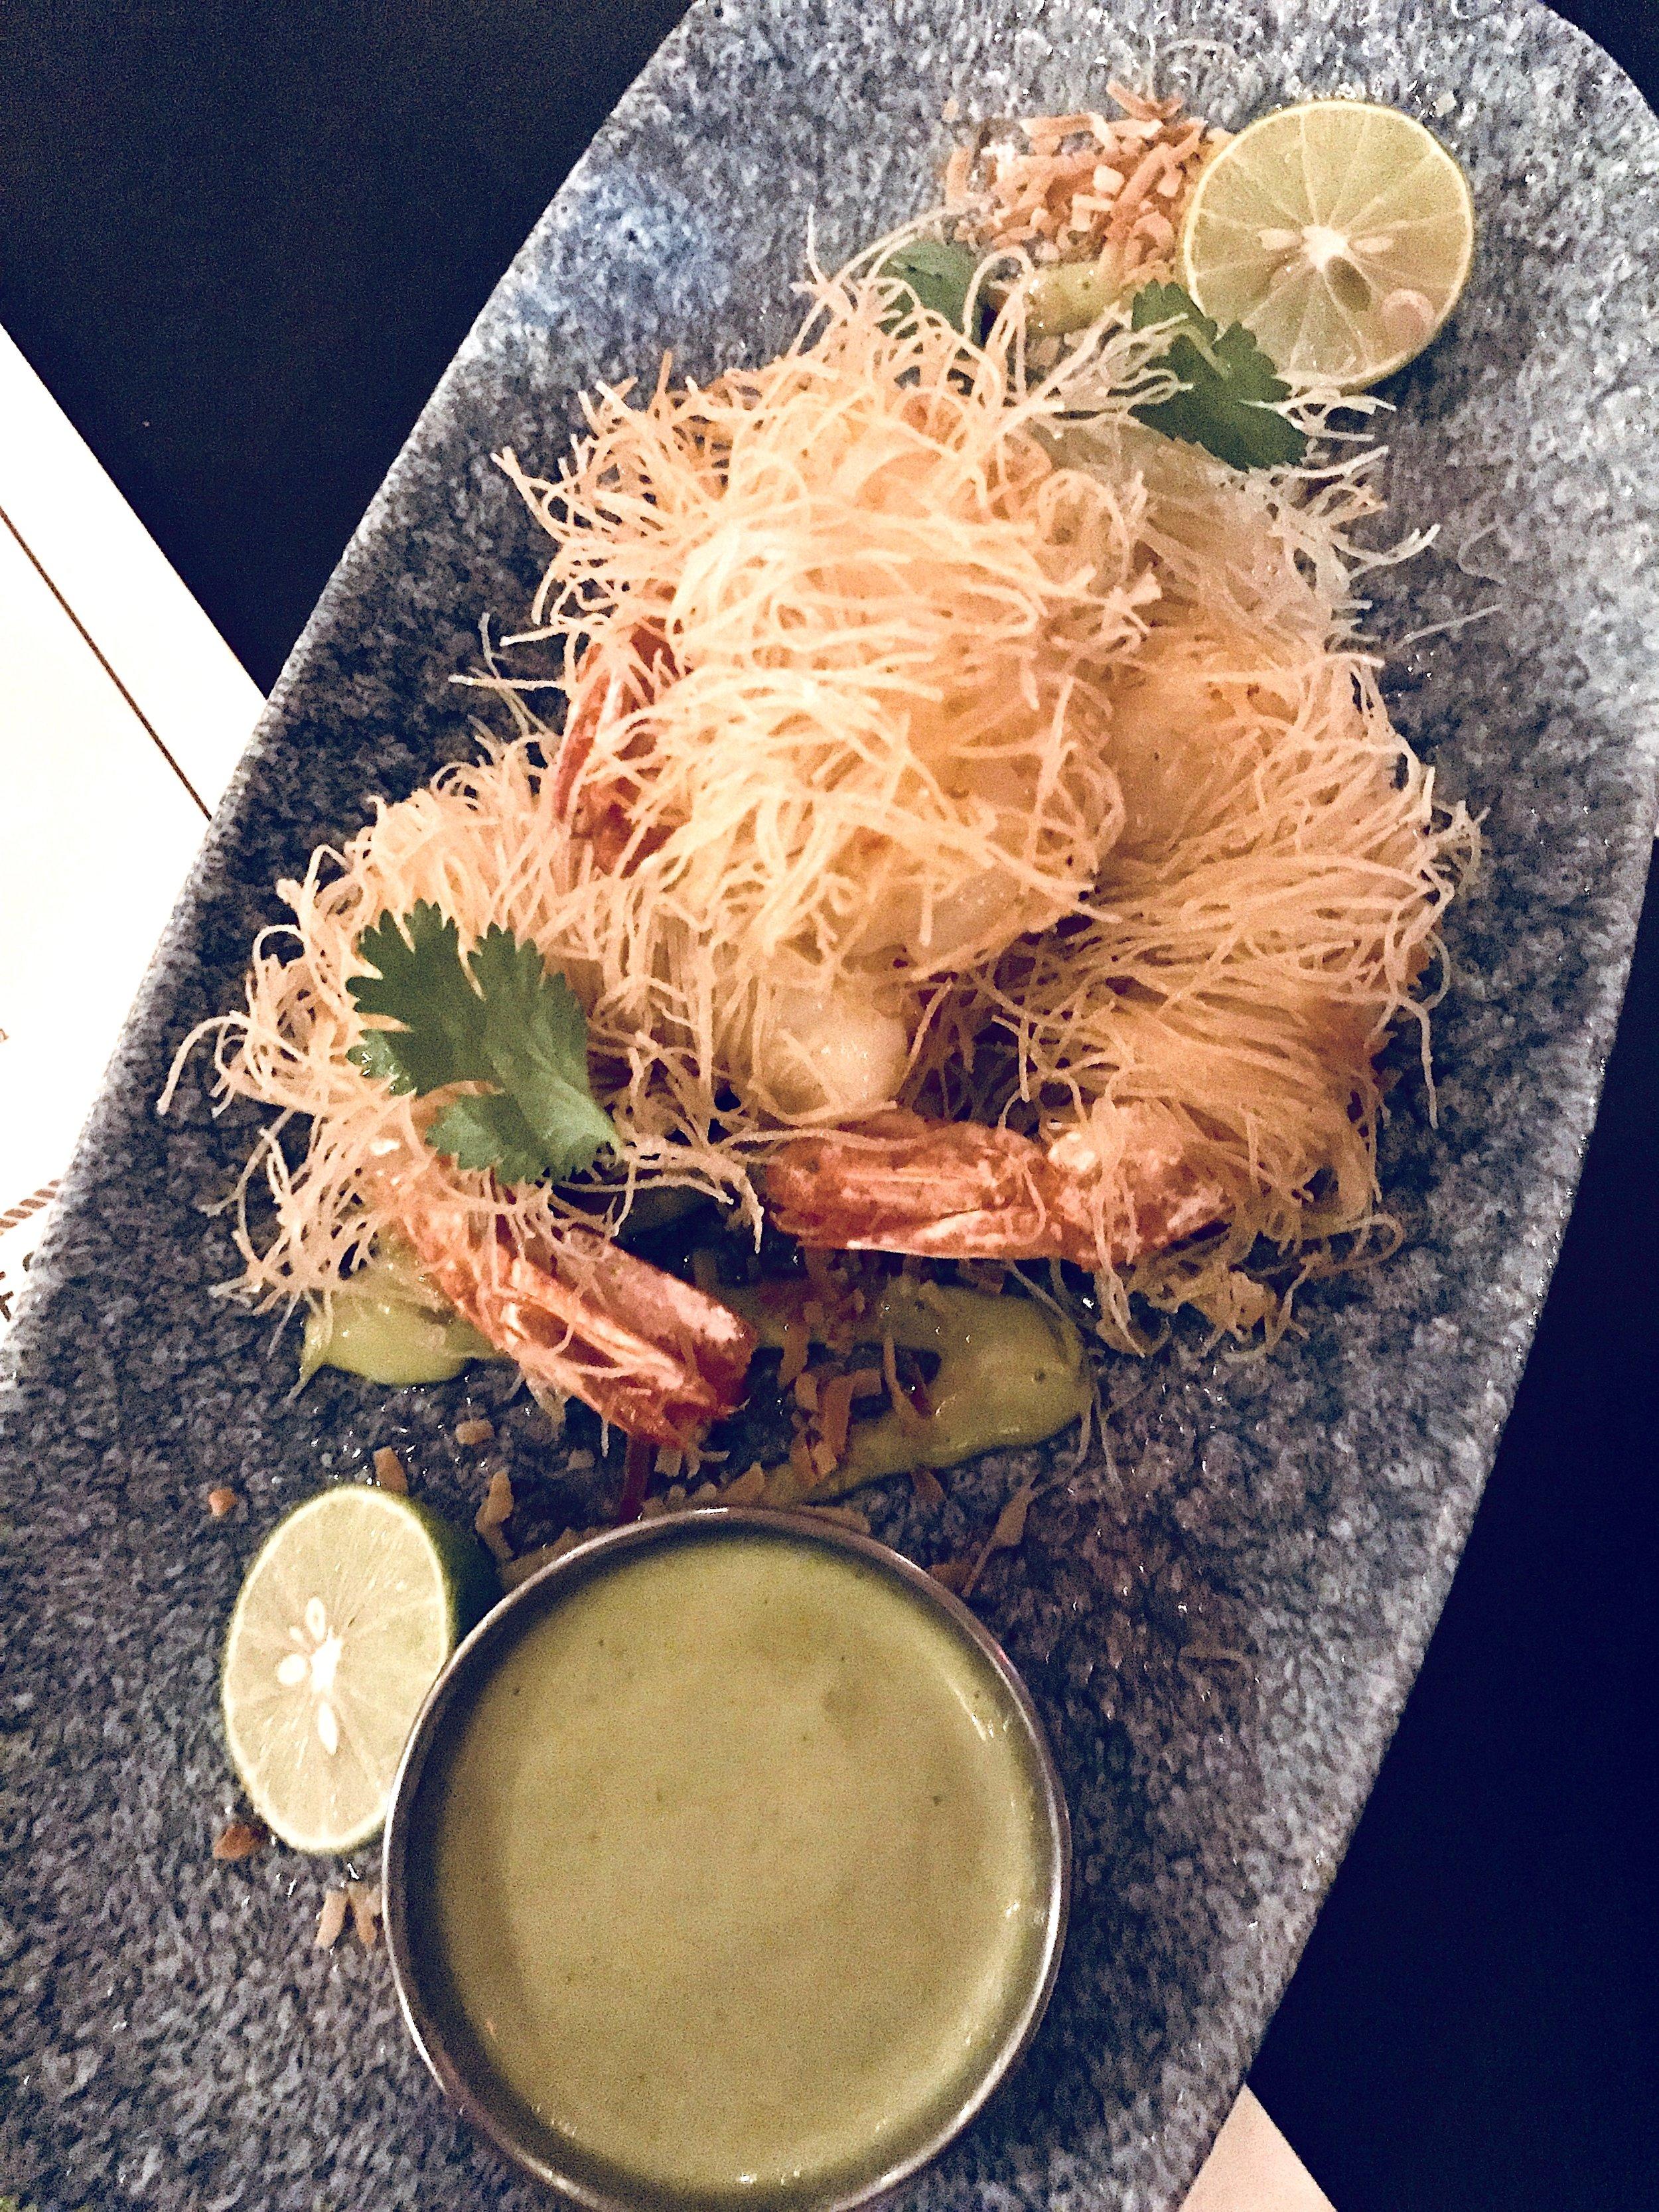 Stiltsville Miami Beach Crispy Coconut Shrimp